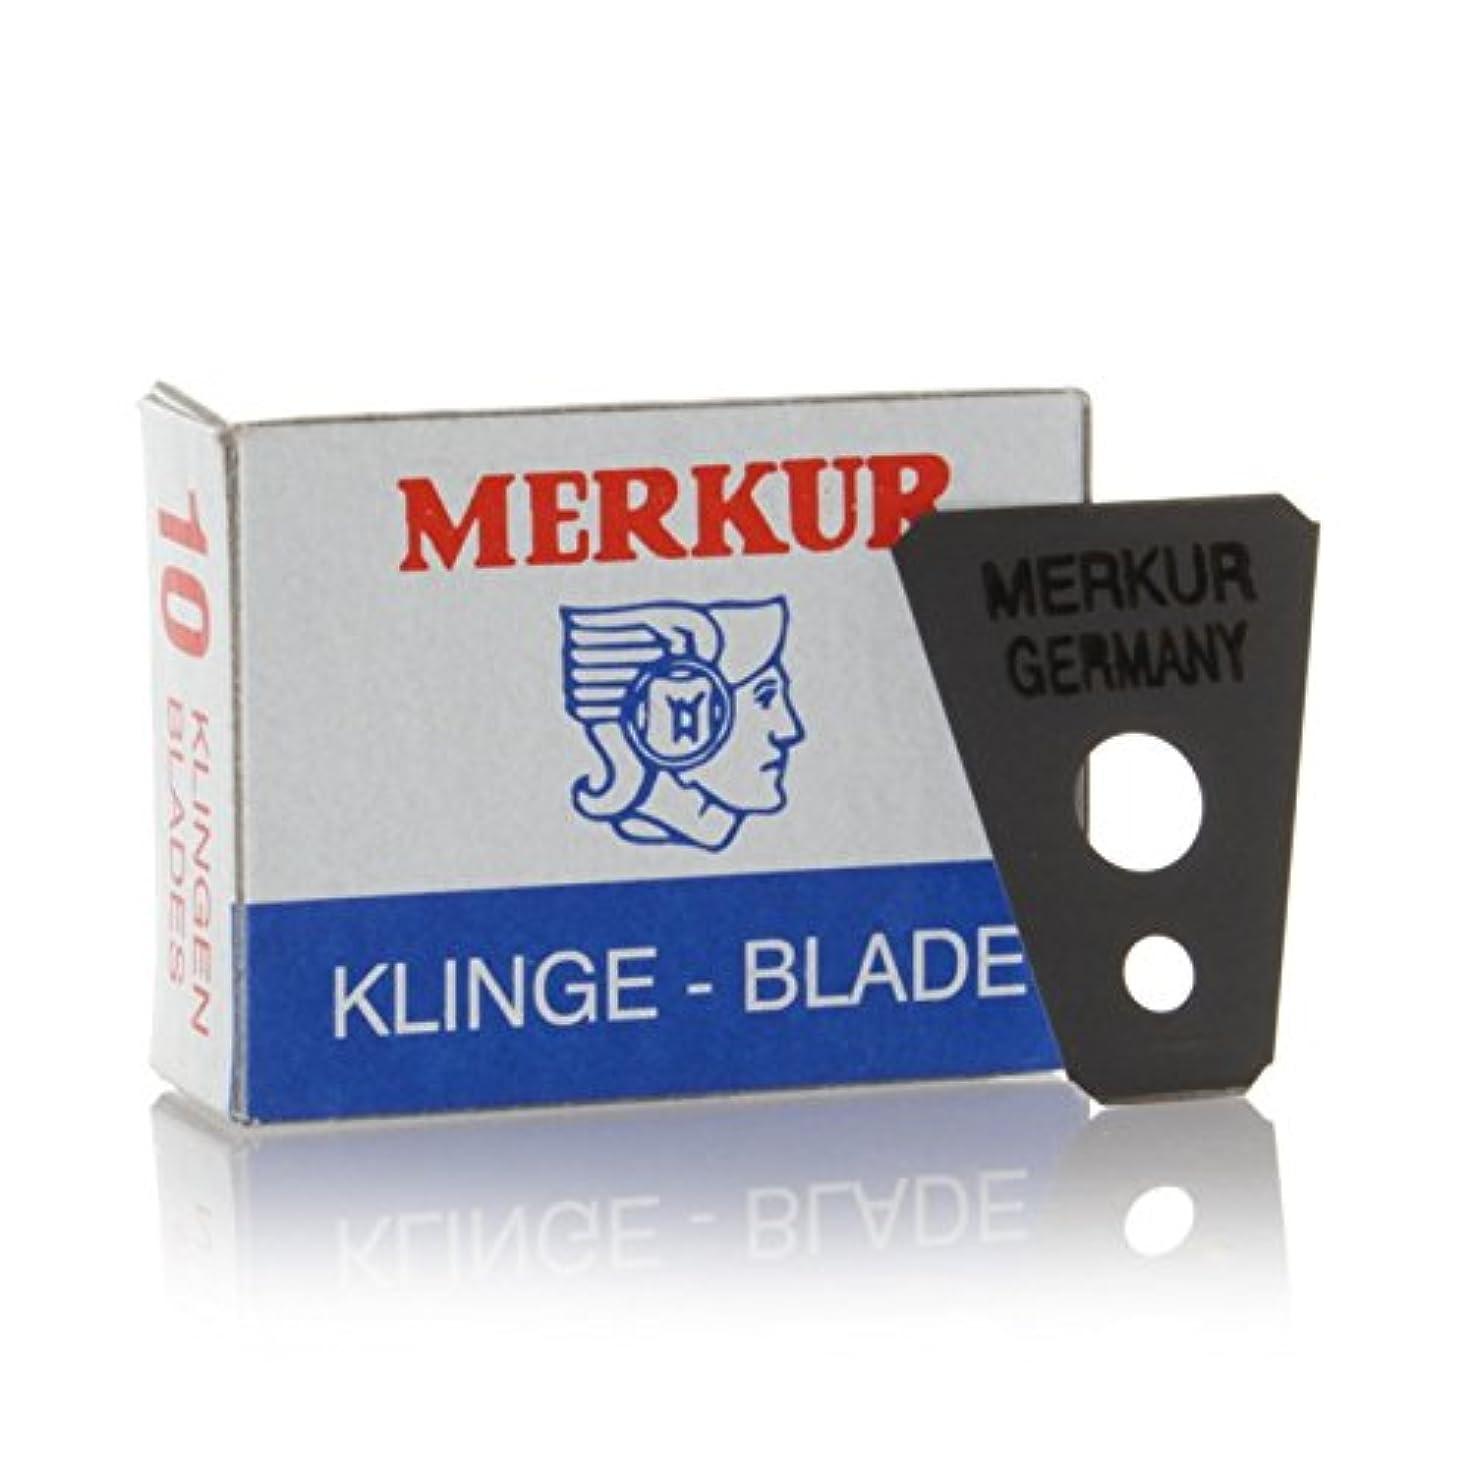 急襲唇例示するMERKUR Solingen - Razor blades for moustache shaver, 10 pieces, 90908100